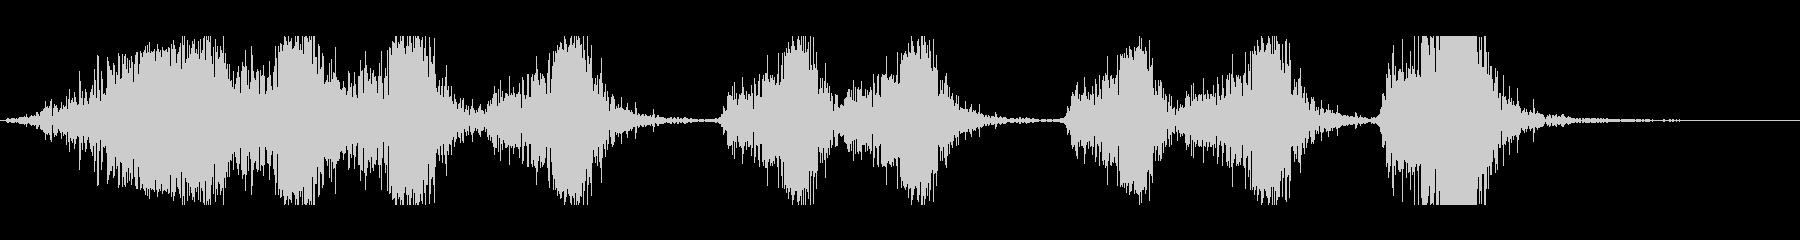 複数矢印矢印、ウッドインパクト、ス...の未再生の波形